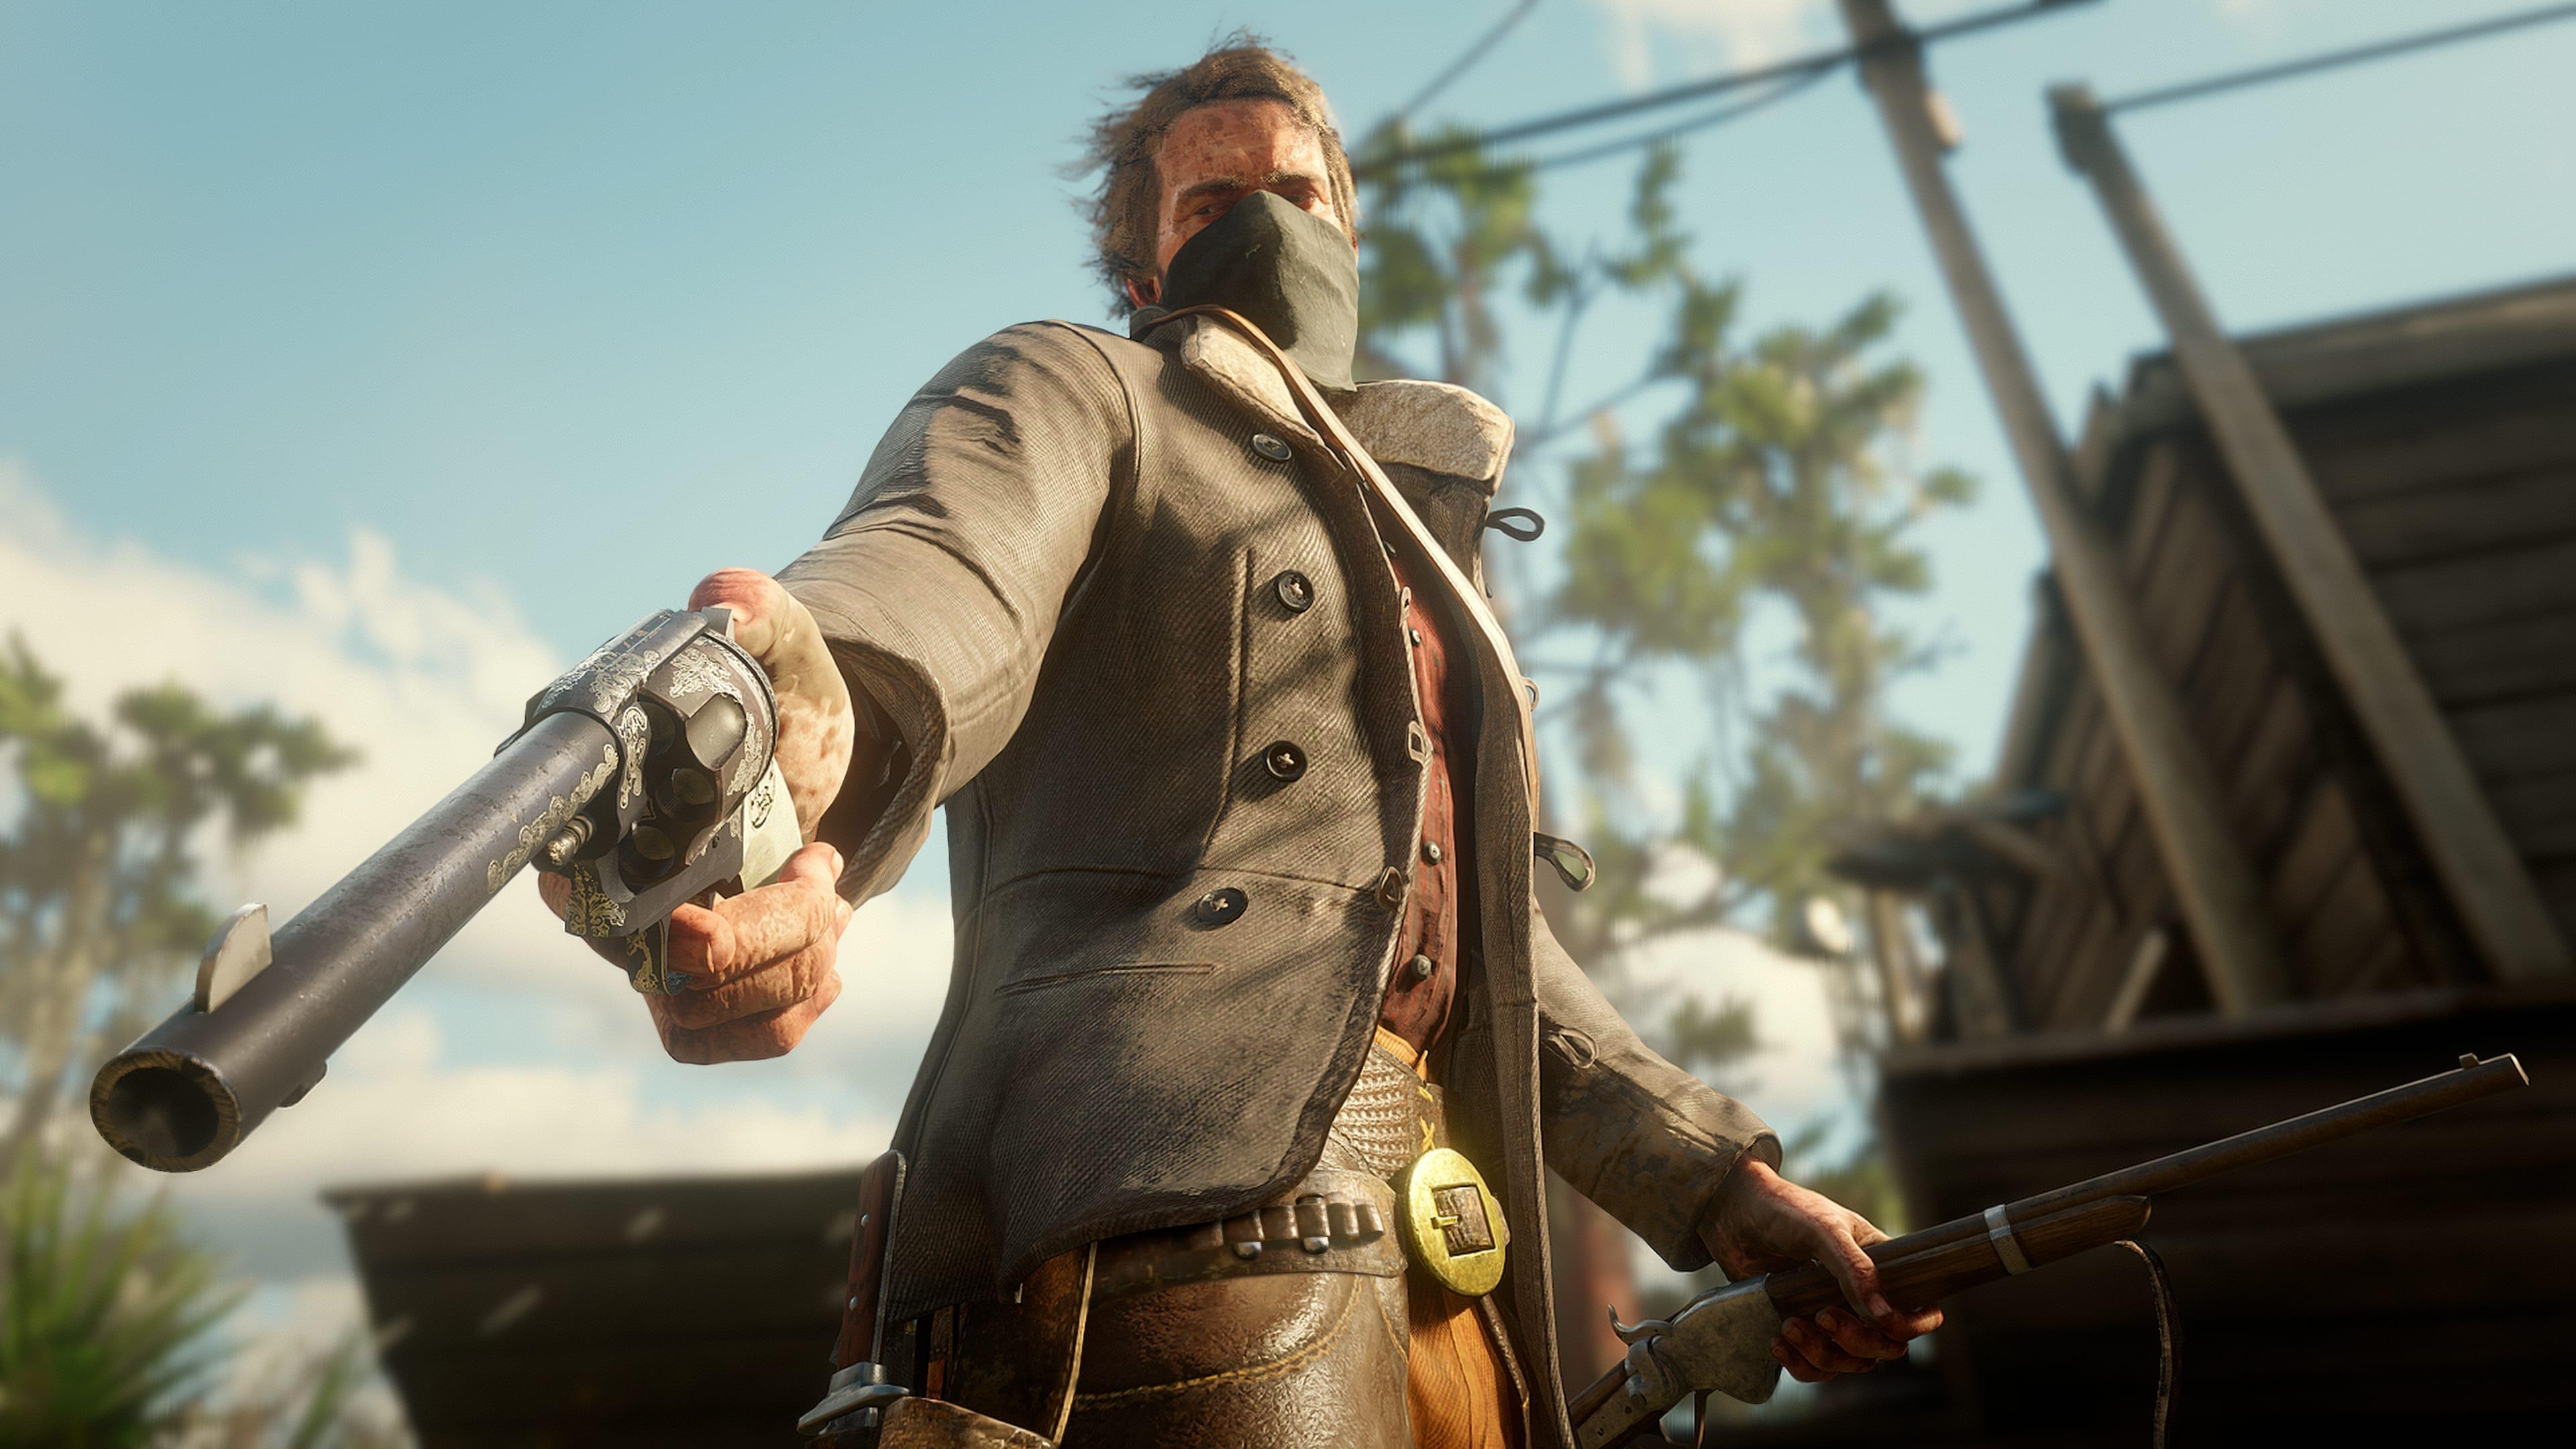 Le armi e il Dead Eye di Red Dead Redemption 2